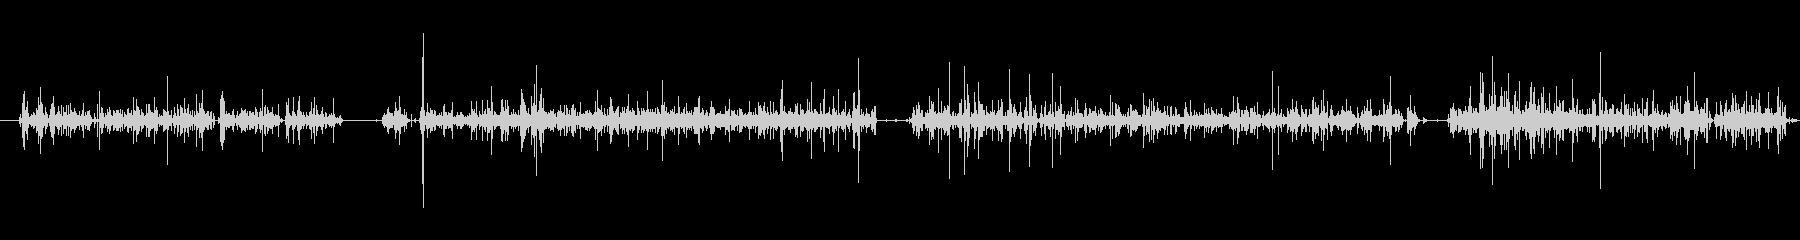 ガリガリ(コーヒー豆をミルで挽く音)の未再生の波形